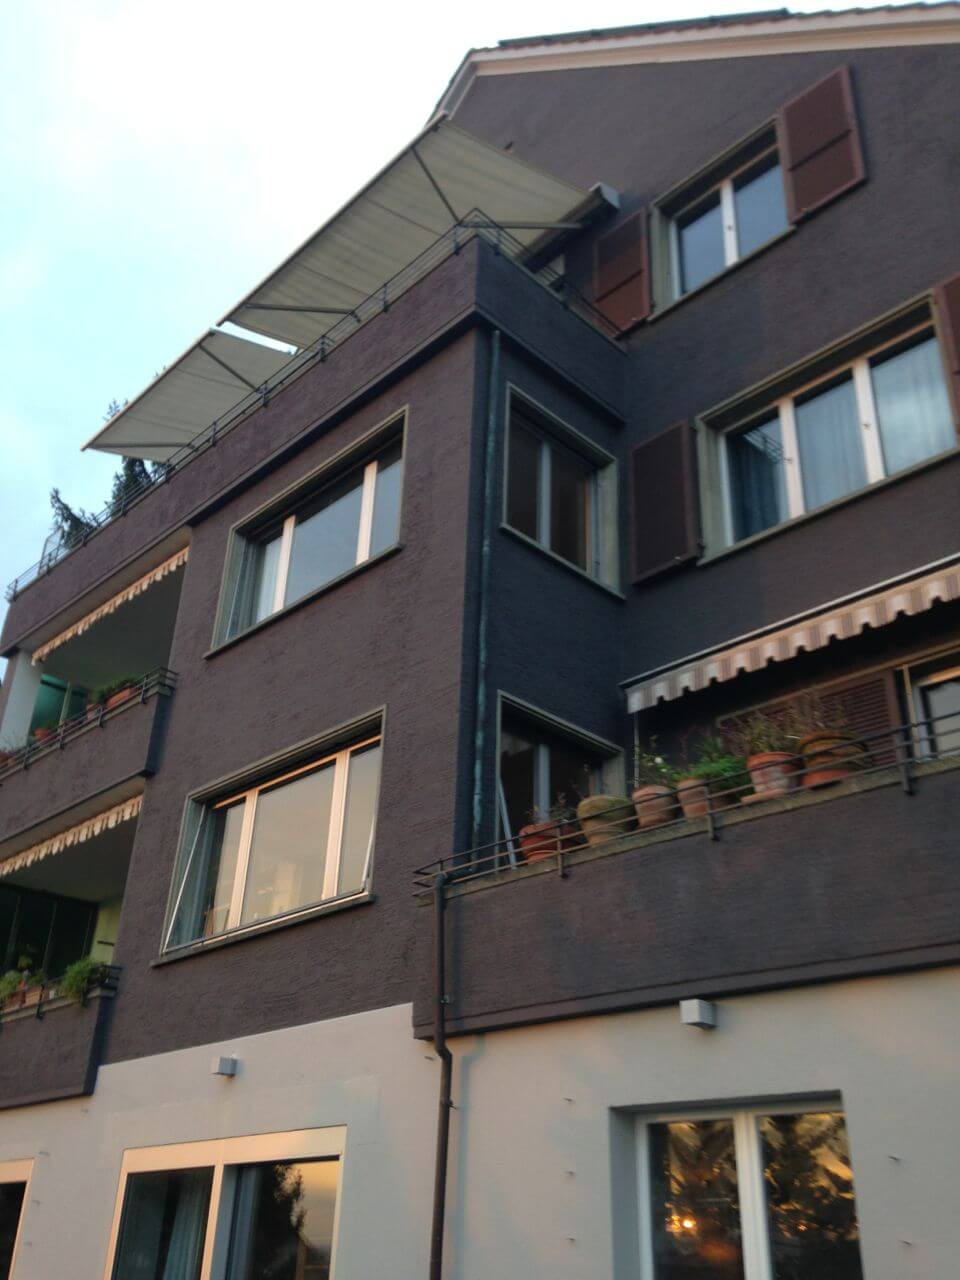 Fassadengestaltung und Fassadensanierung: neue Hausfassade